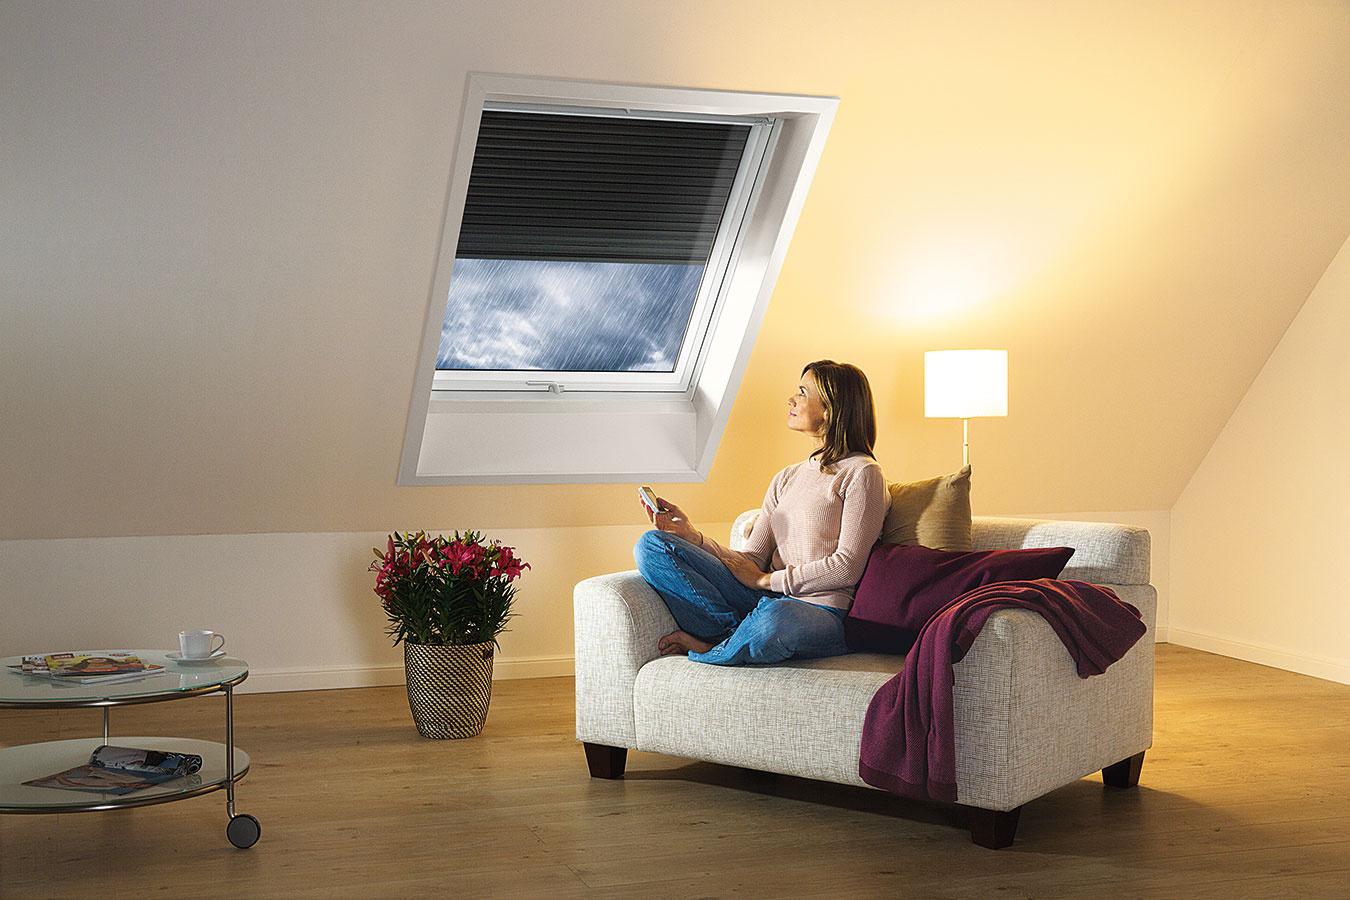 Vonkajšia roleta úplne zatemní miestnosť azároveň ju chráni pred prehrievaním.